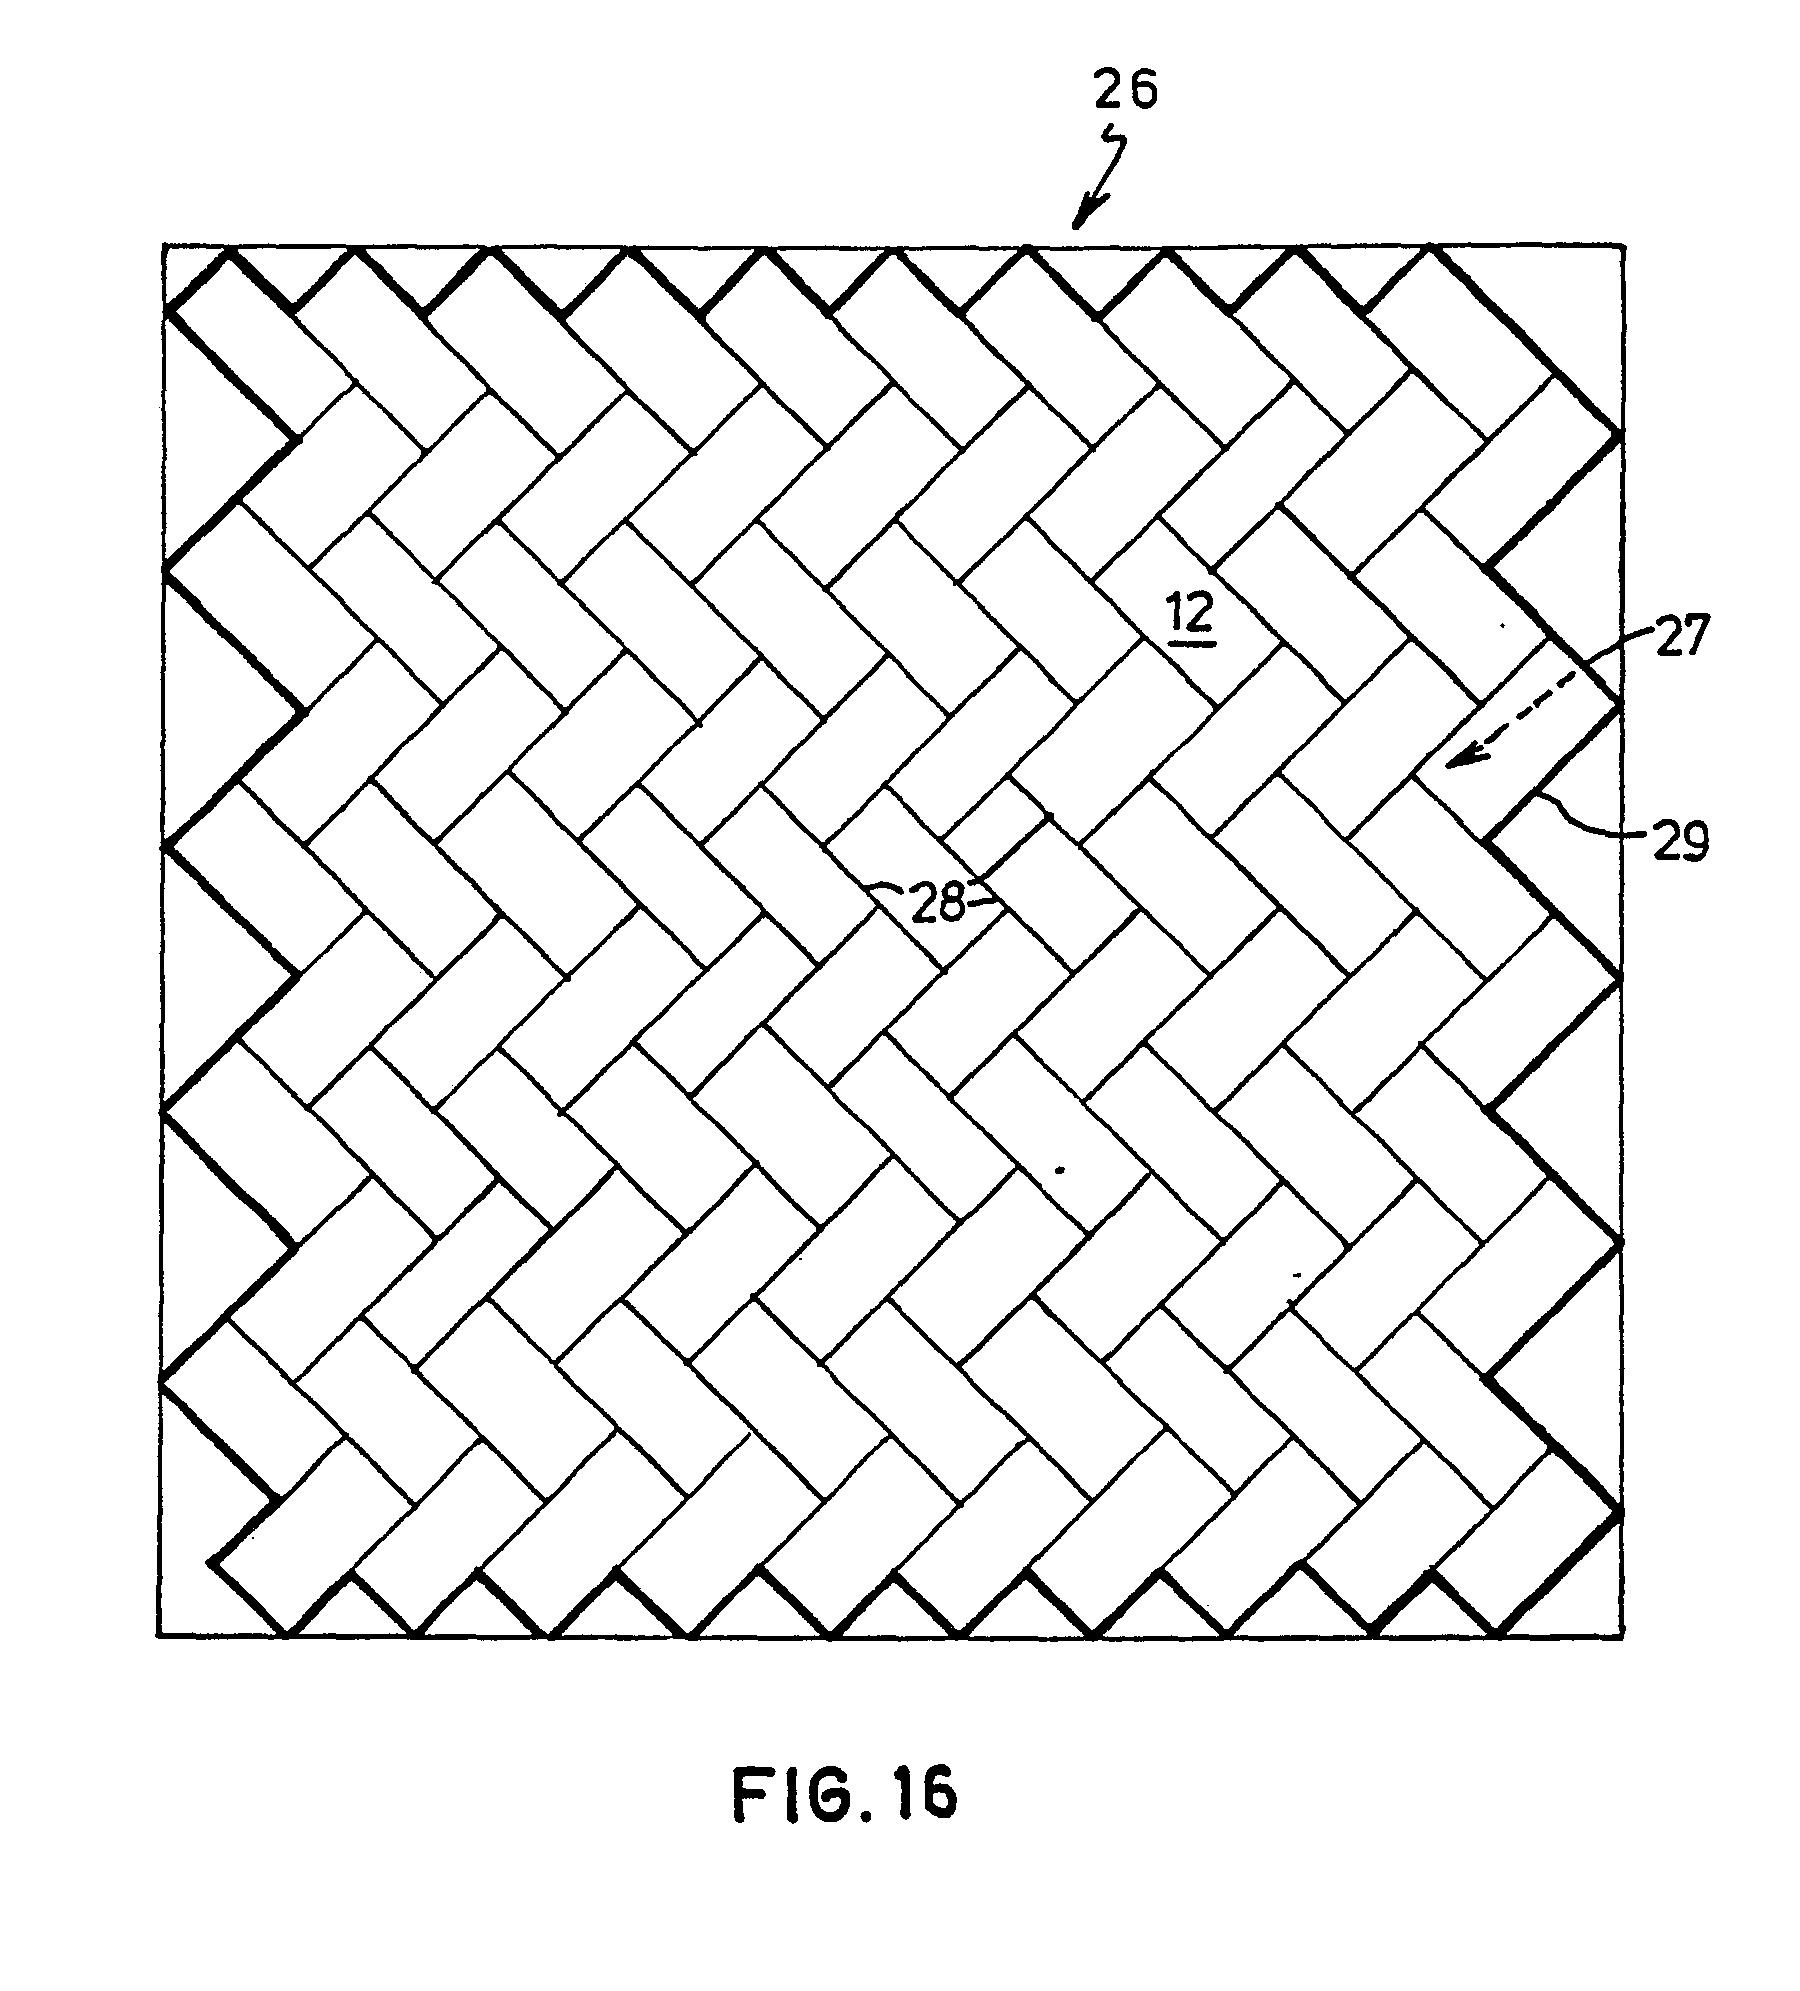 patent ep0164146b1 verfahren f r das mechanische verlegen von pflastersteinen in einem. Black Bedroom Furniture Sets. Home Design Ideas